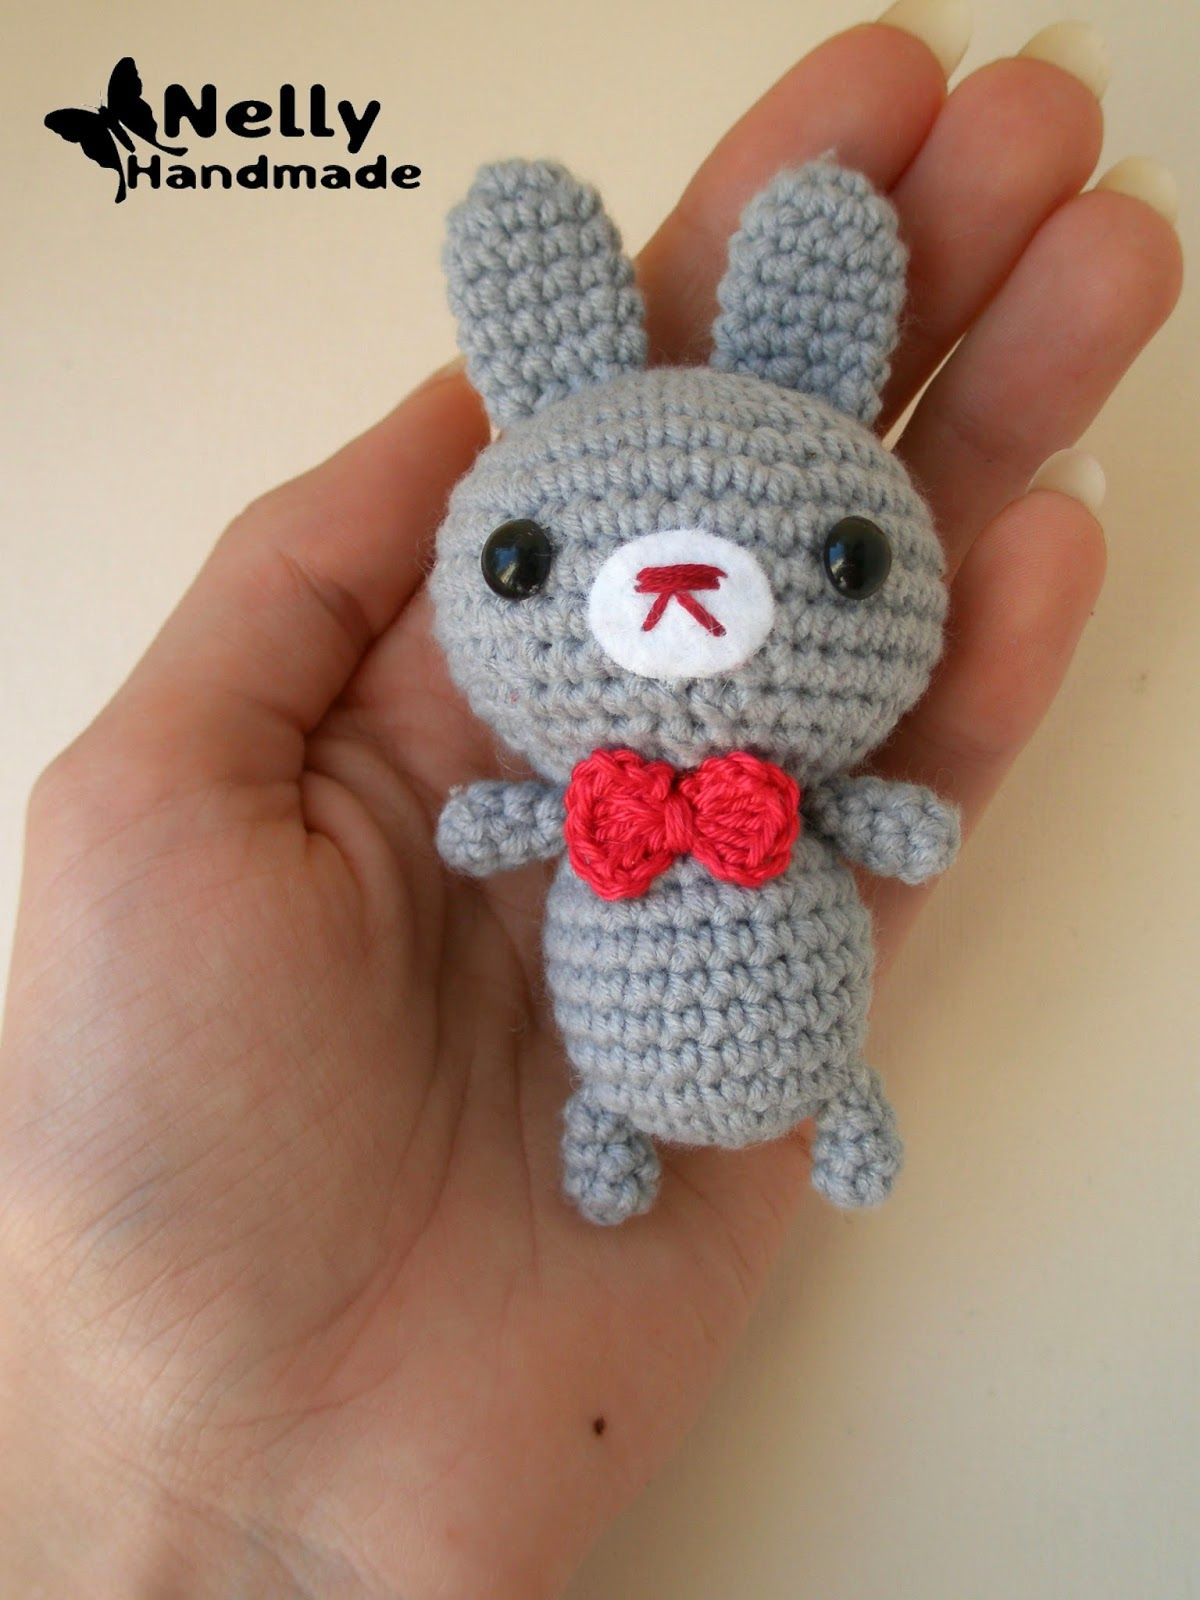 Amigurumi Bunny - FREE Crochet Pattern / Tutorial | Amigurumi ...